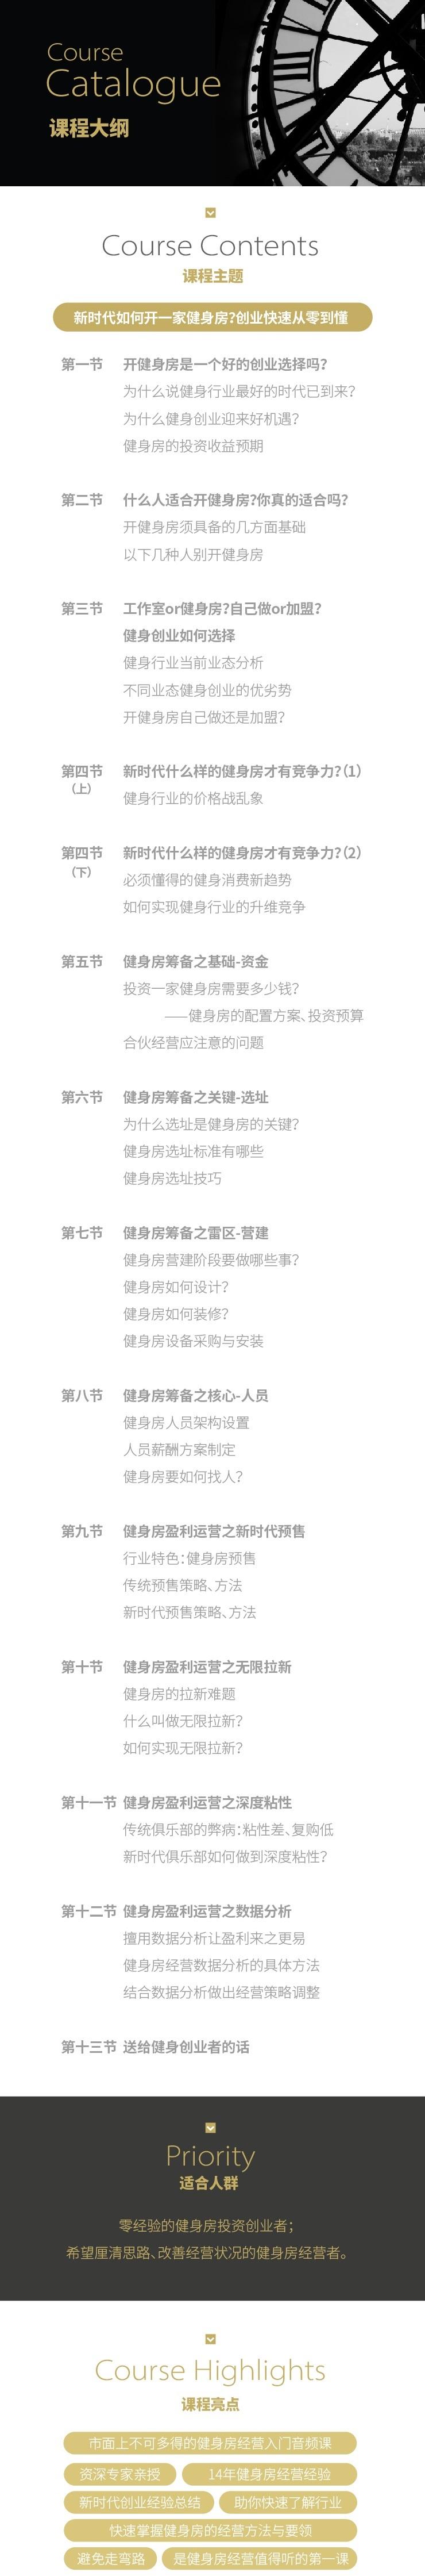 课程详情图(新)_副本_副本.jpg